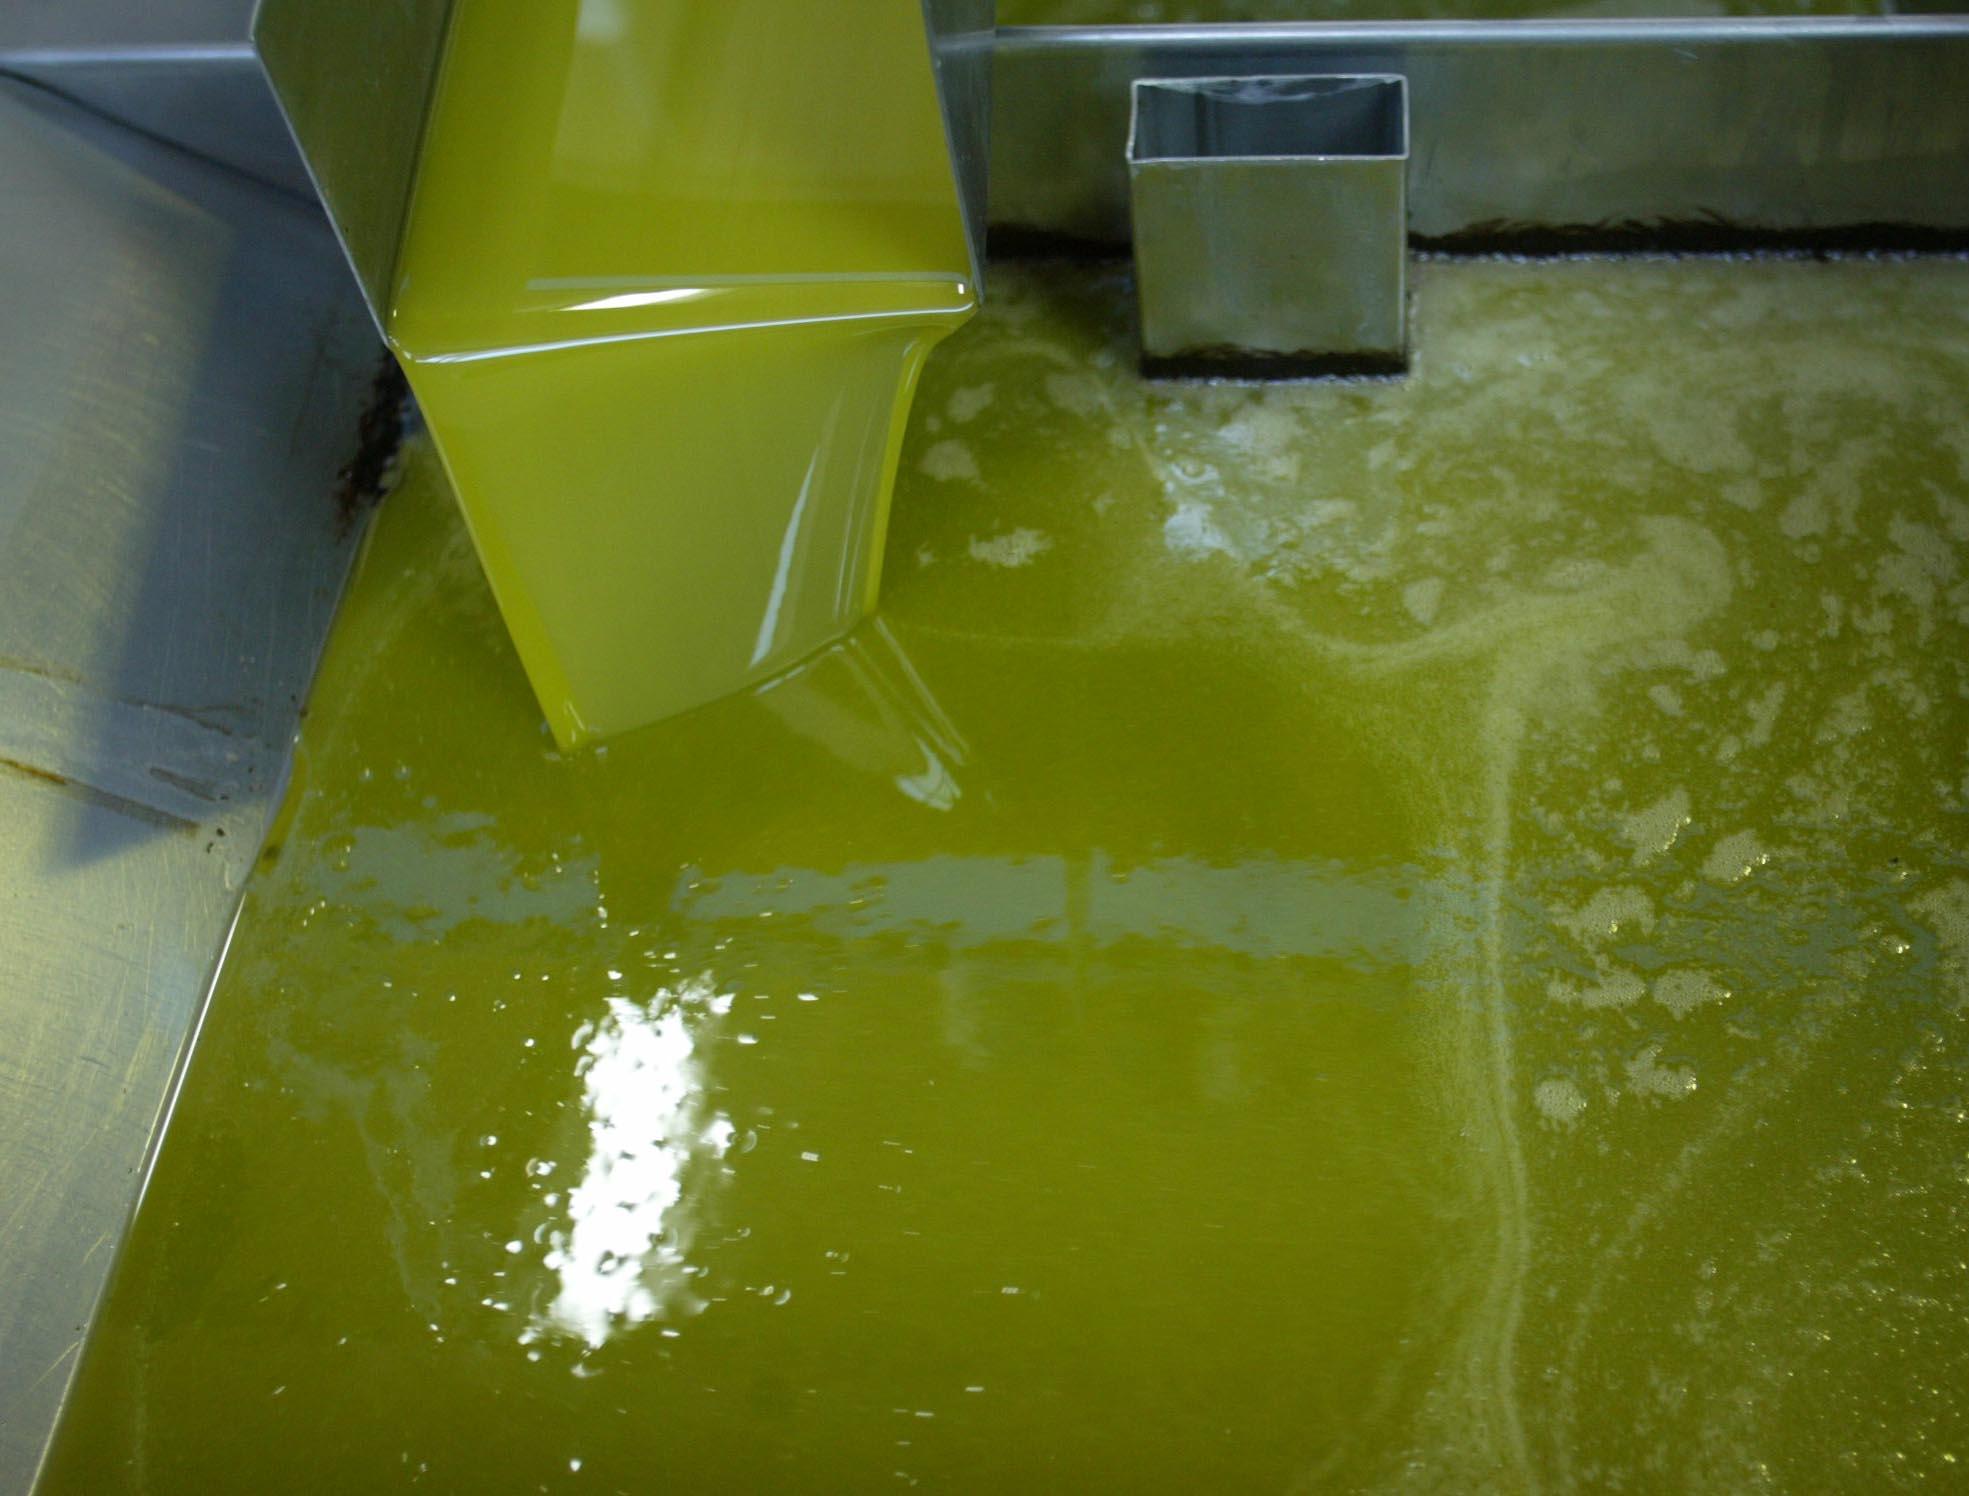 Aceite de oliva virgen extra en las instalaciones de un grupo de cooperativas sevillanas. / JAVIER DÍAZ